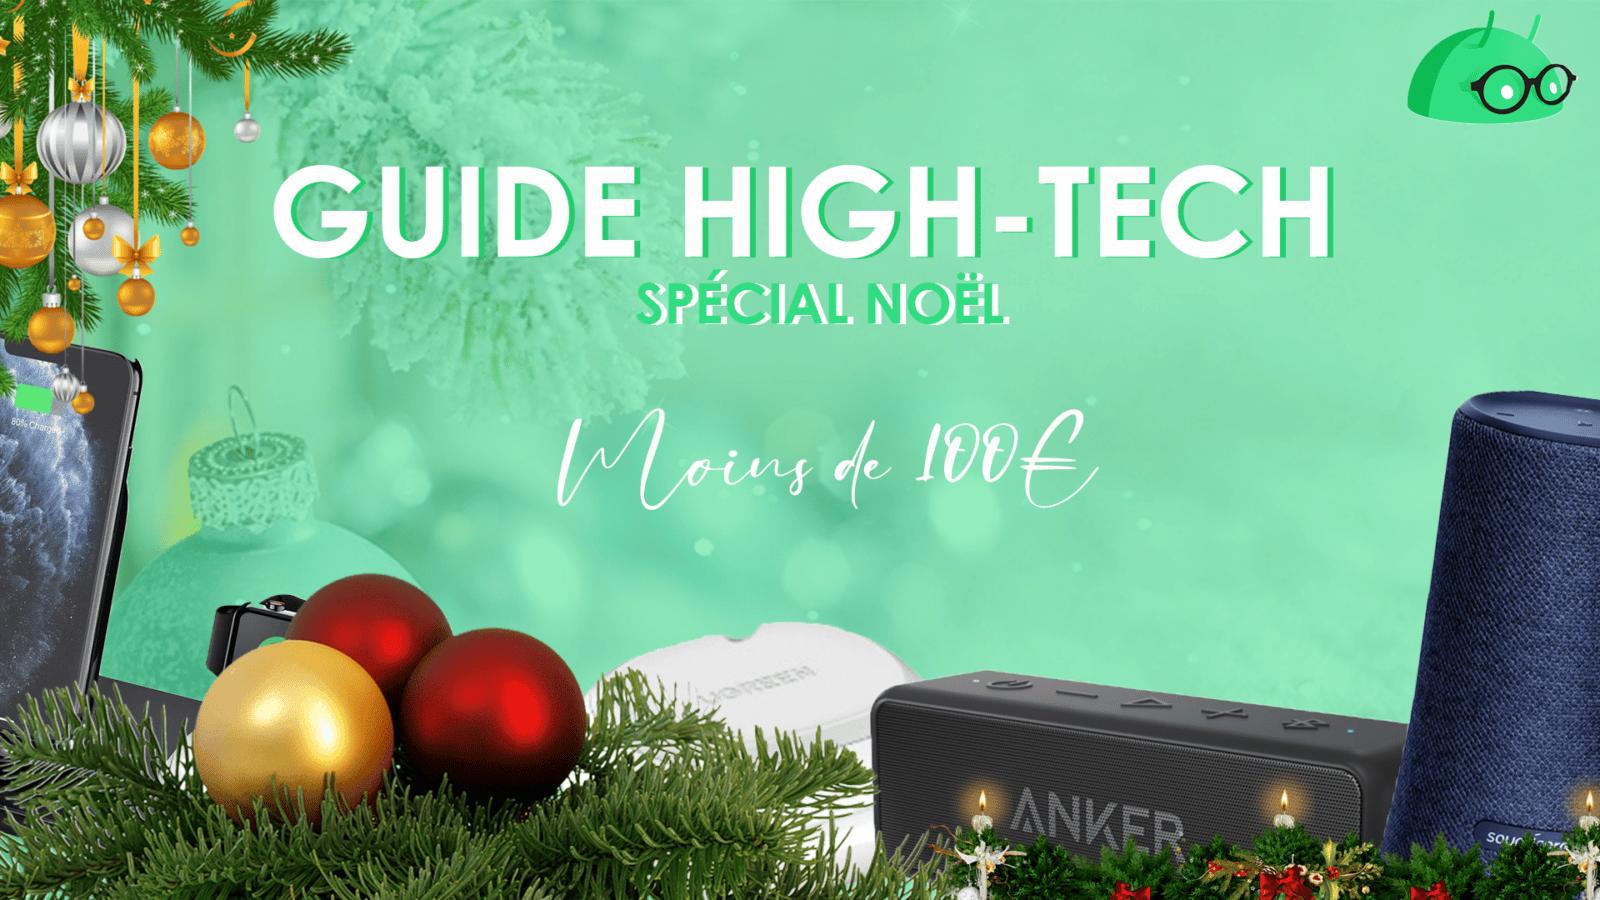 Noël 2020, GUIDE – 10 IDÉES CADEAUX HIGH-TECH à moins de 100€ pour Noël 2020